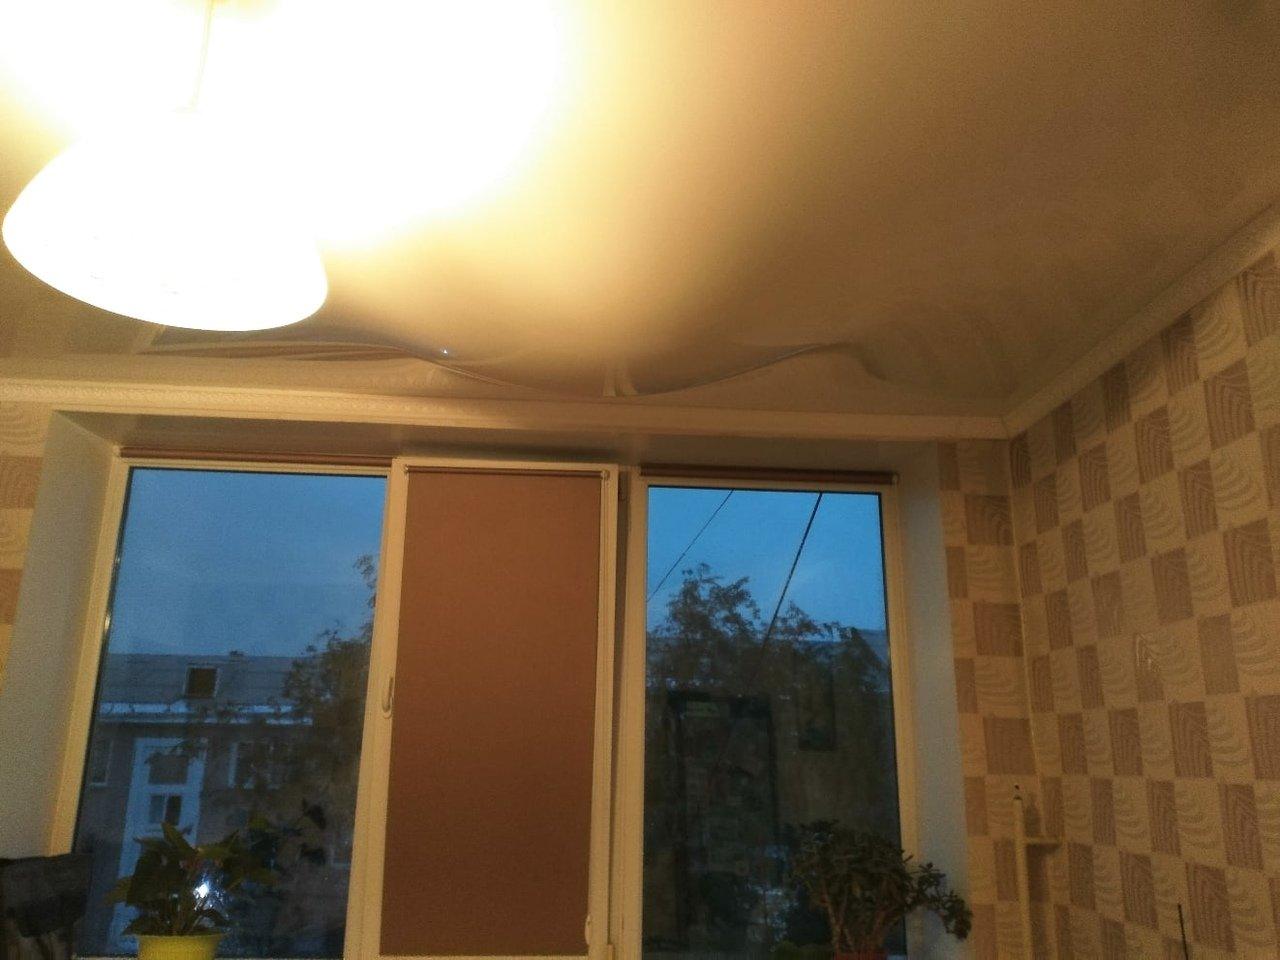 Жильцы многоквартирных домов в Магнитогорске жалуются на дождь с потолка, фото-1